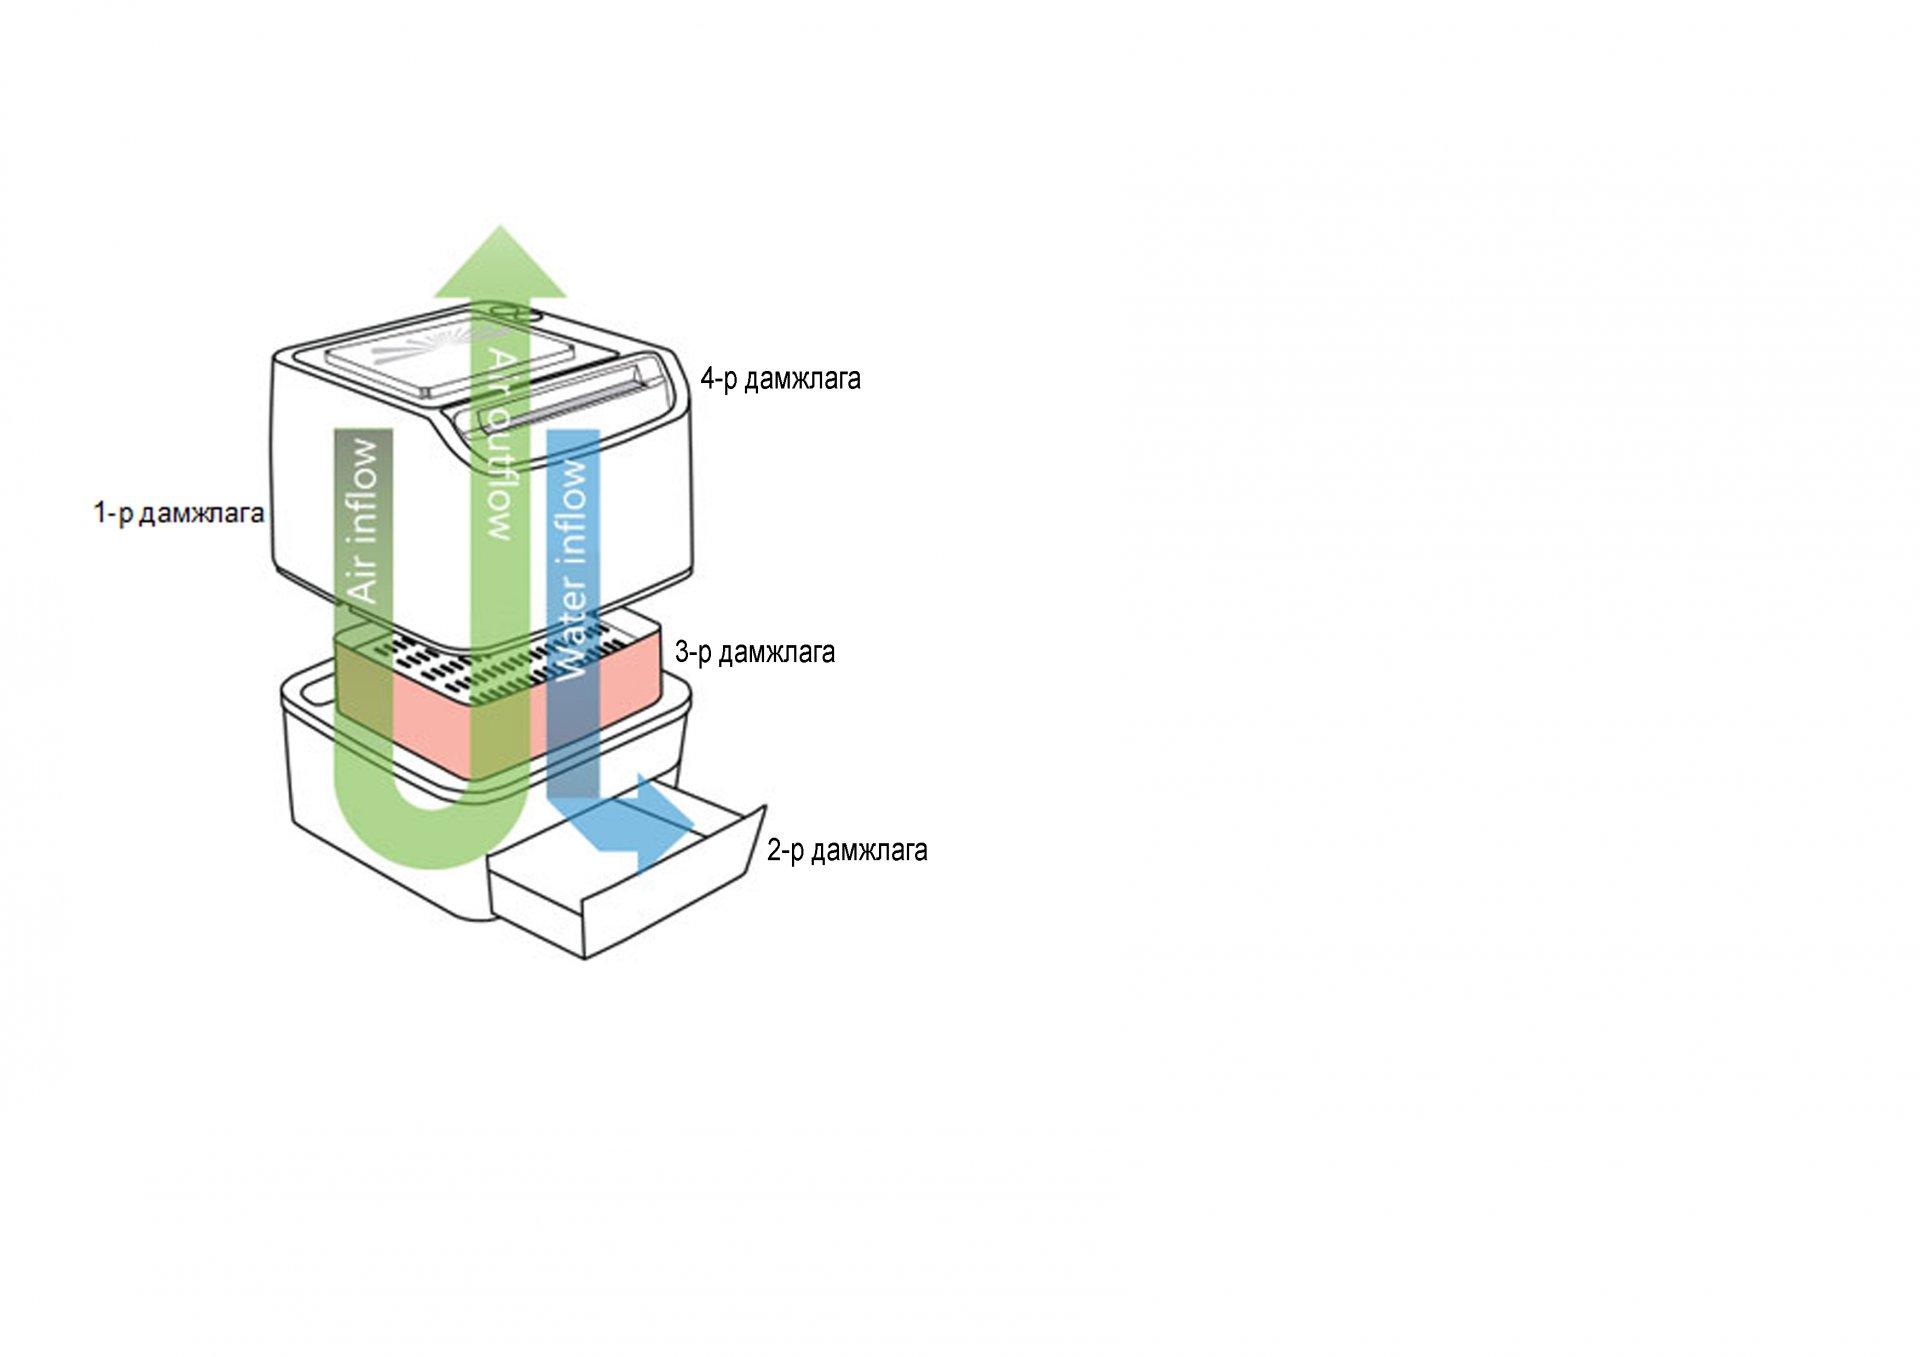 Био шүүлтүүрийн агаар цэвэршүүлэх зарчим